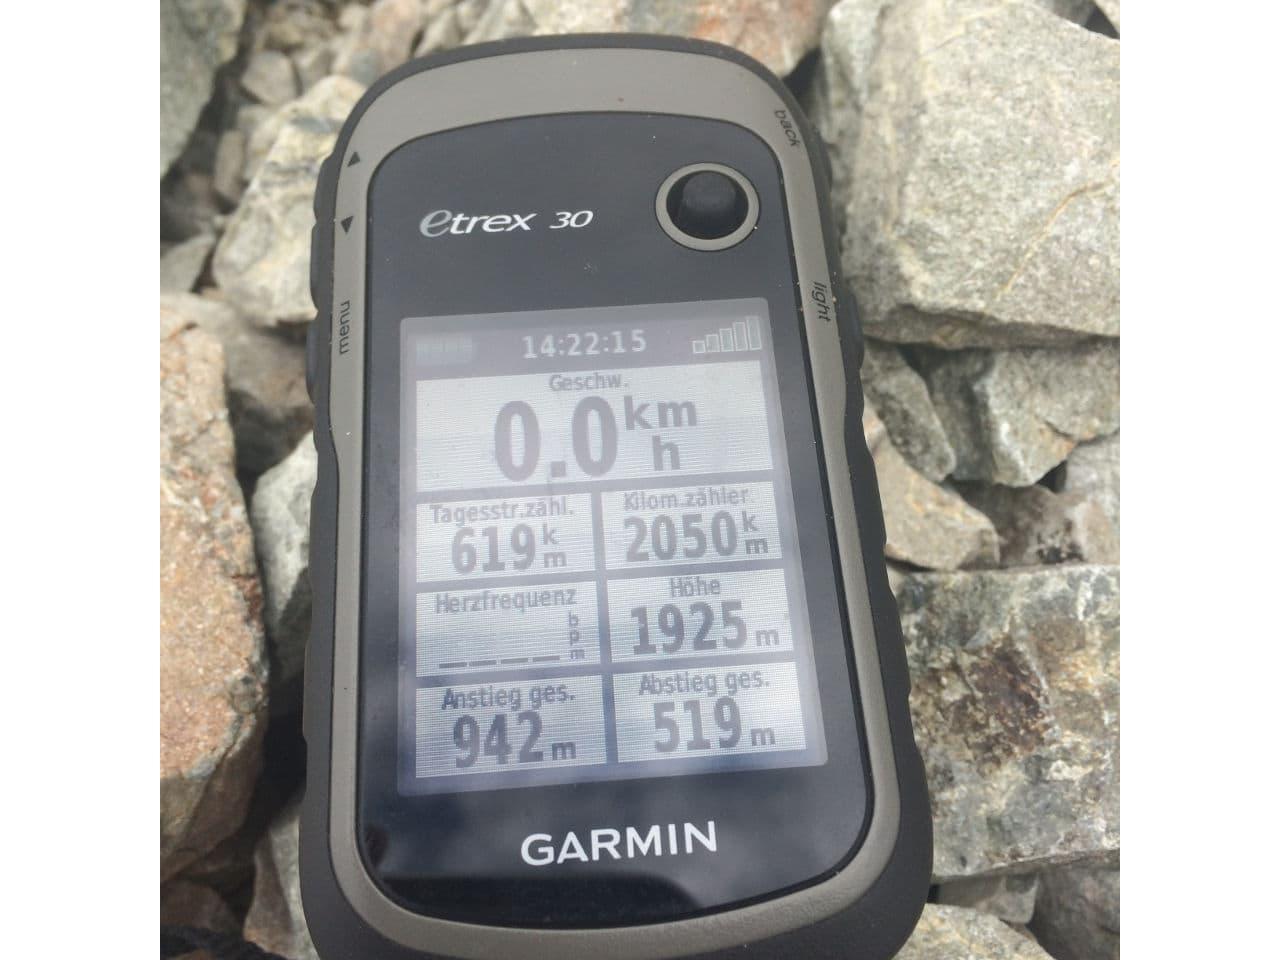 Sicherheit auf dem Te Araroa GPS Gerät